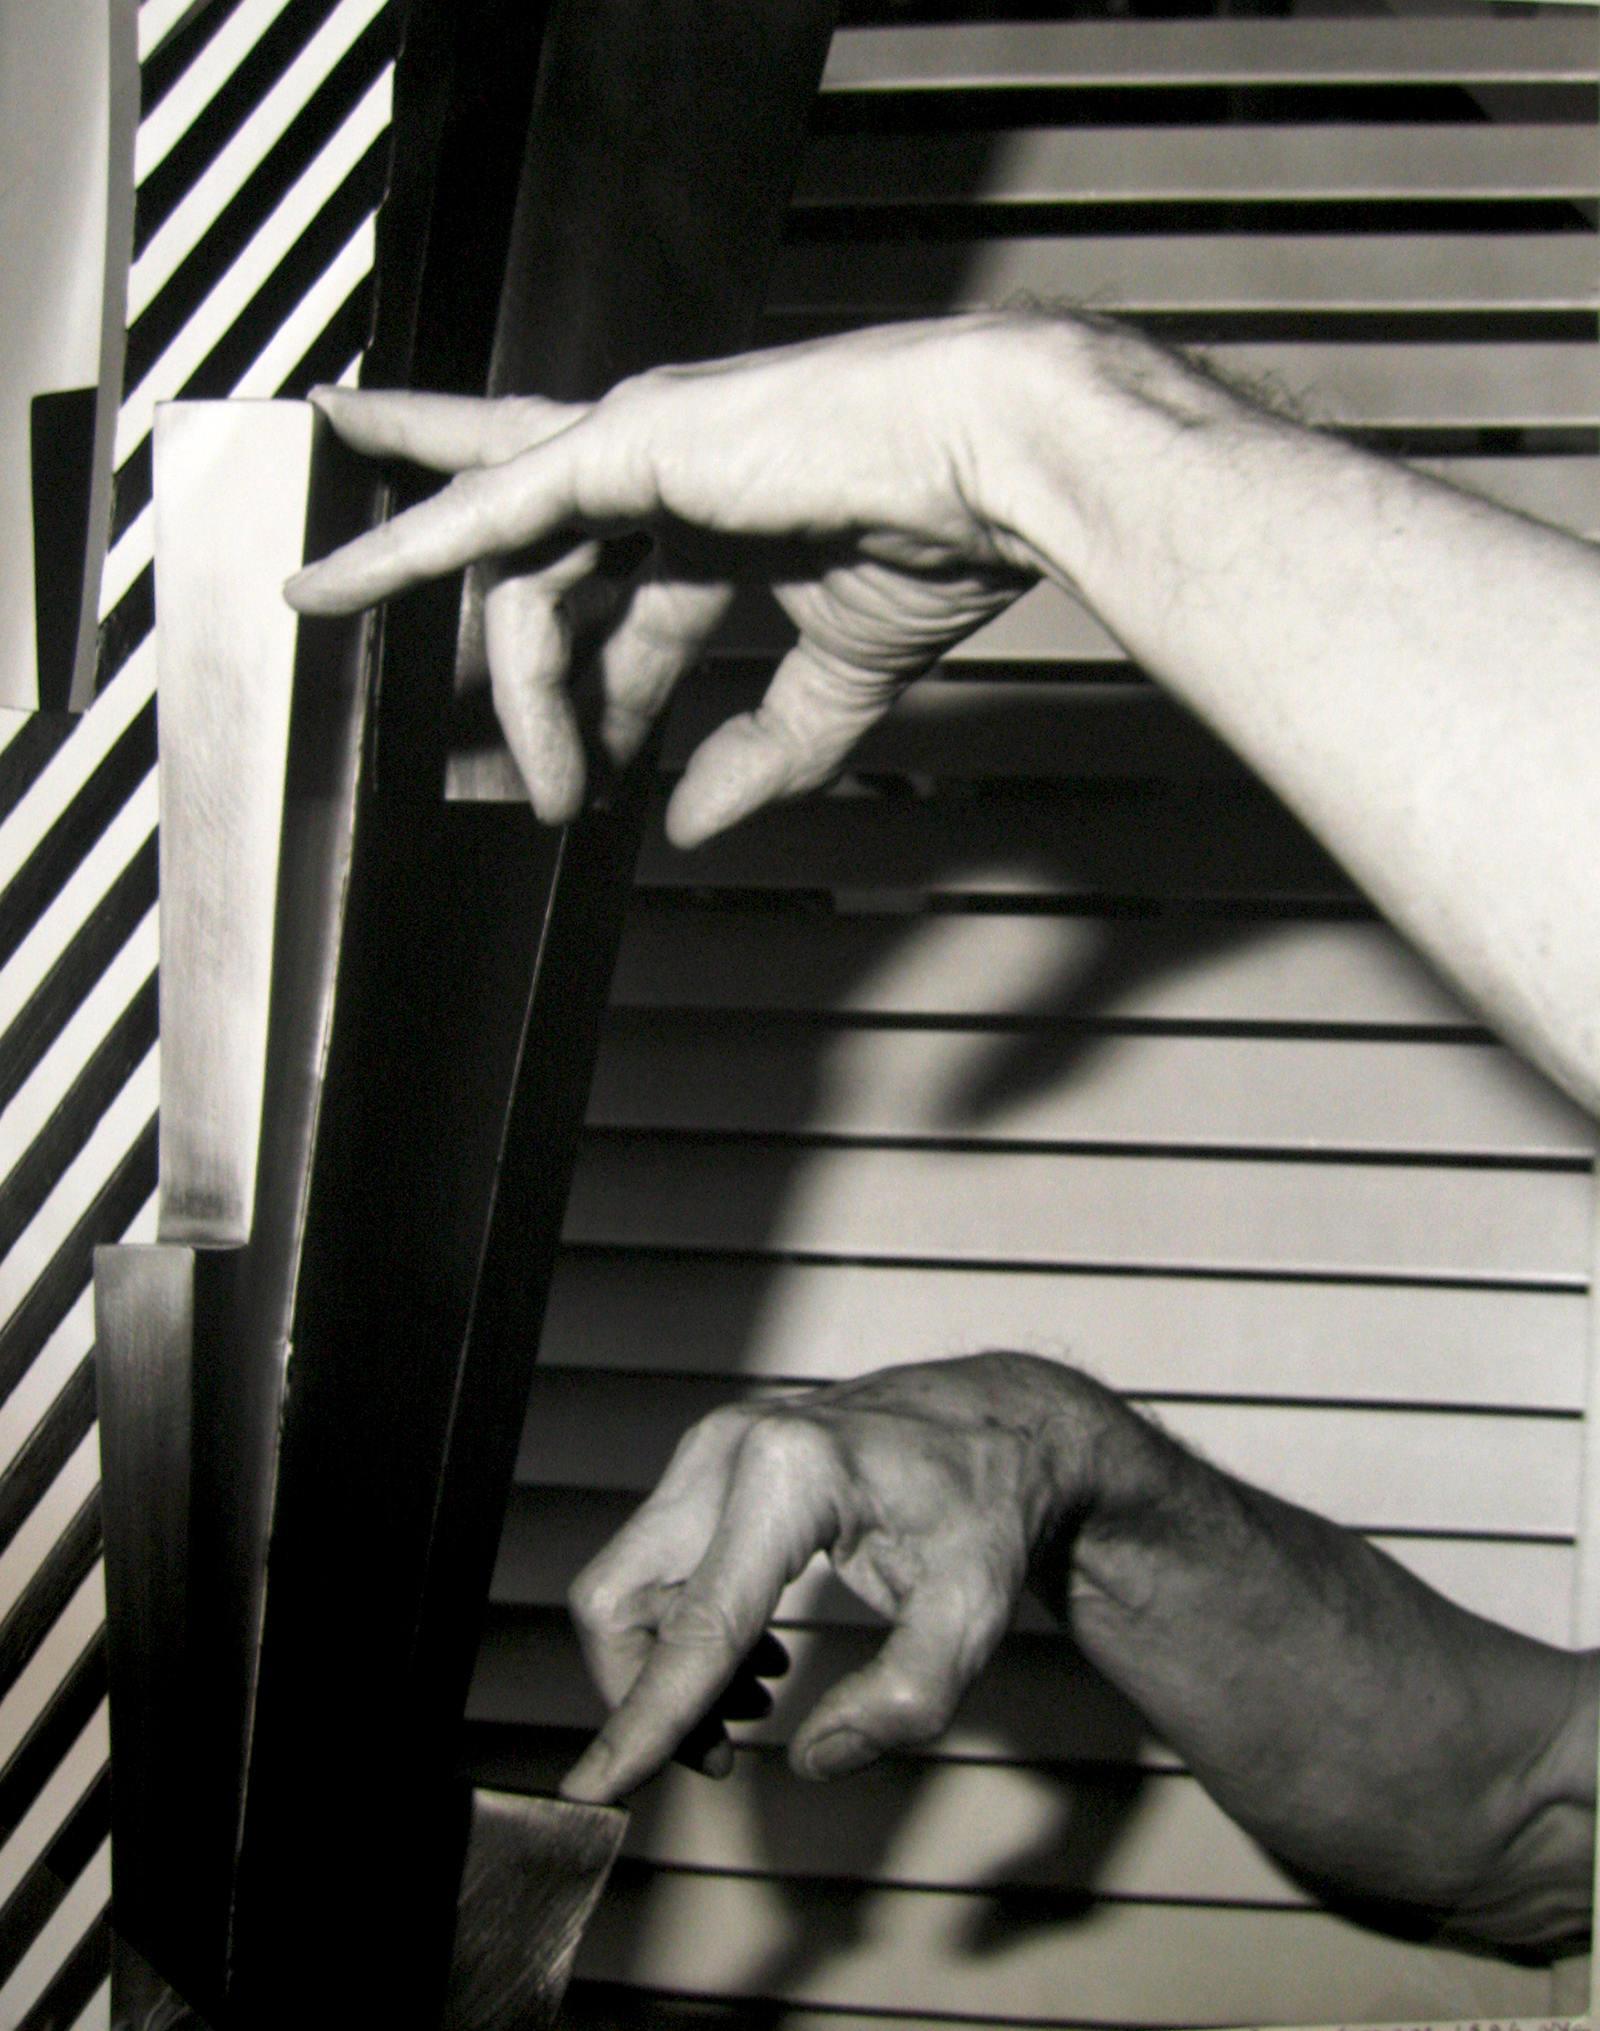 Roy Lichtenstein | New York, New York | June 1996